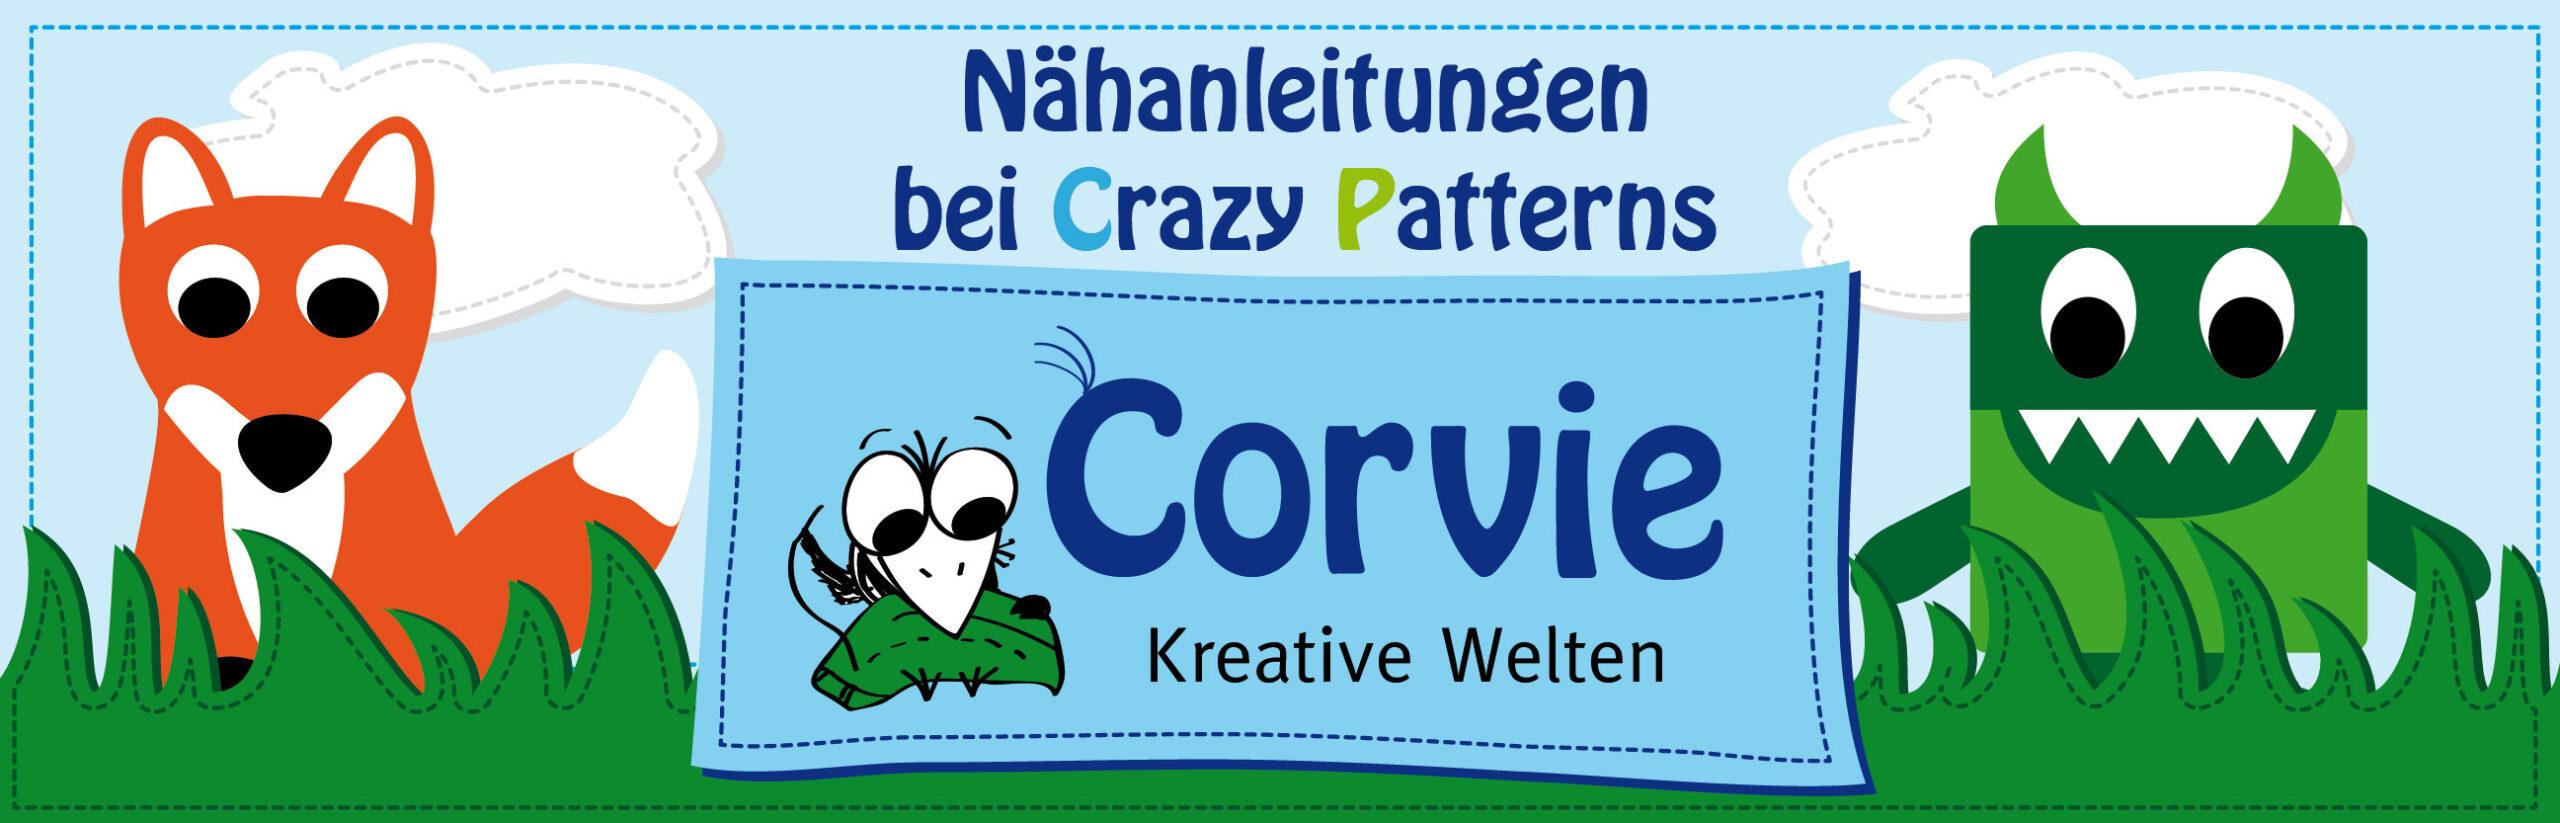 Sofakumpel Anleitungen bei Crazypatterns